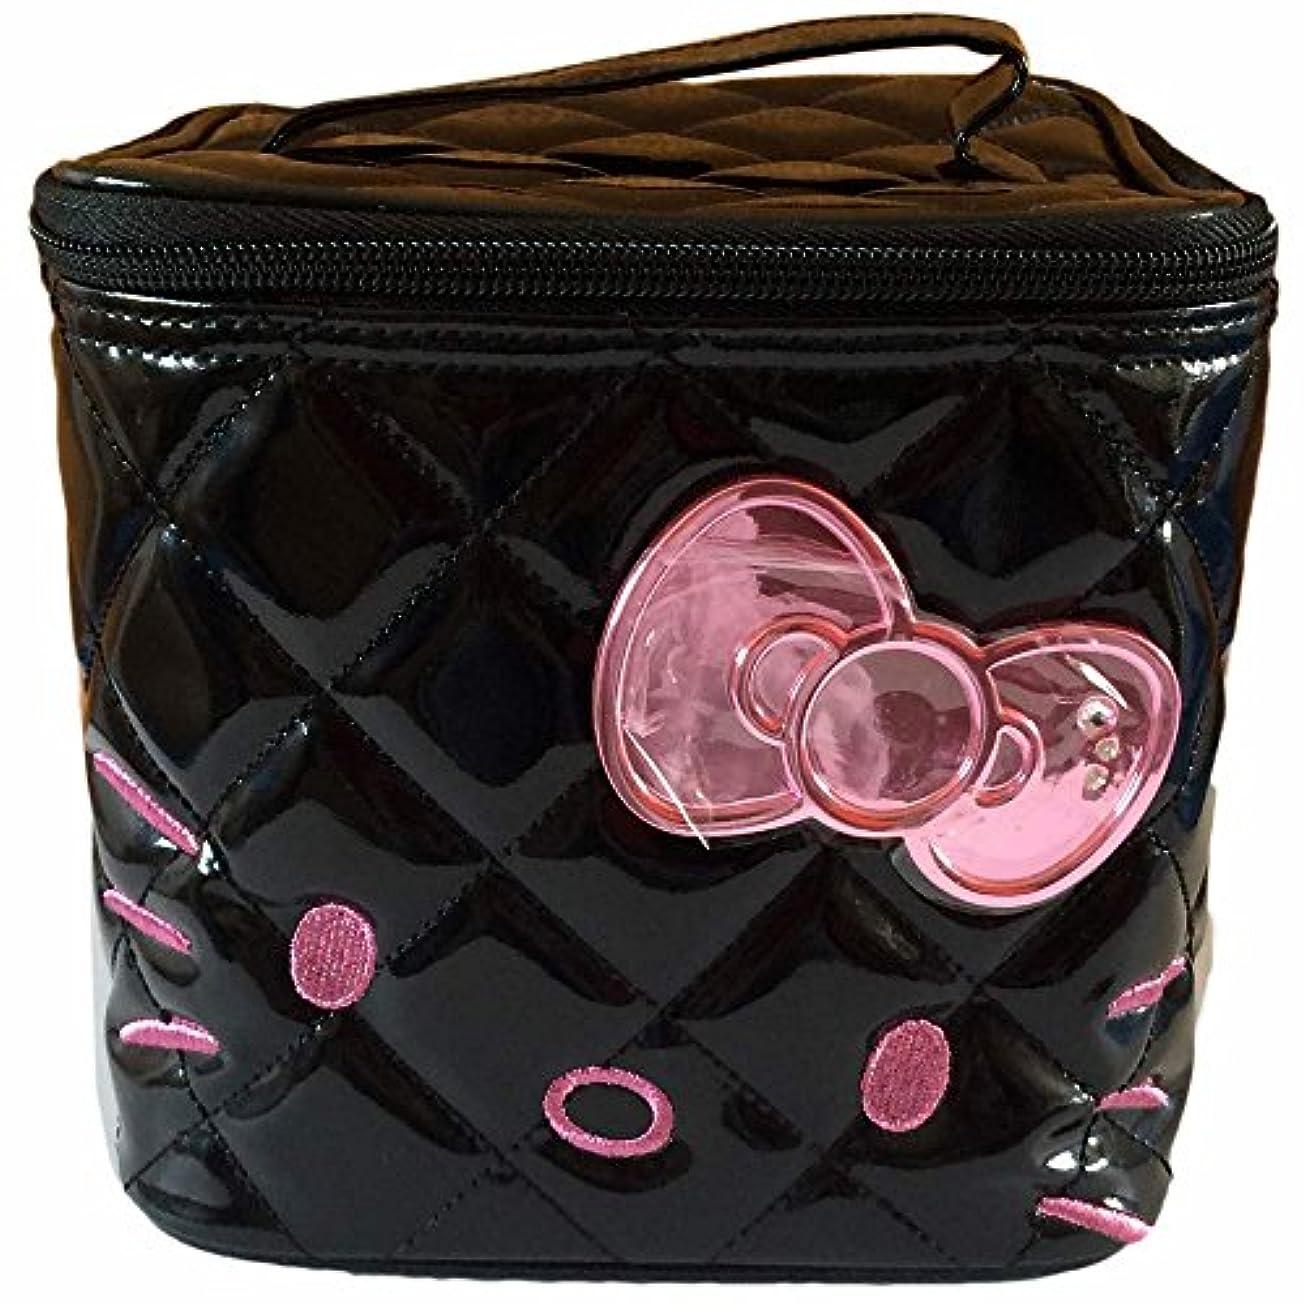 イタリアの不変バドミントンKT85129/SHO-BI/[サンリオ]ハローキティミニバニティ(ピンク)/コスメ/化粧品/BAG/アクセサリー/収納/バッグ/キャラクター/ギフト/プレゼント